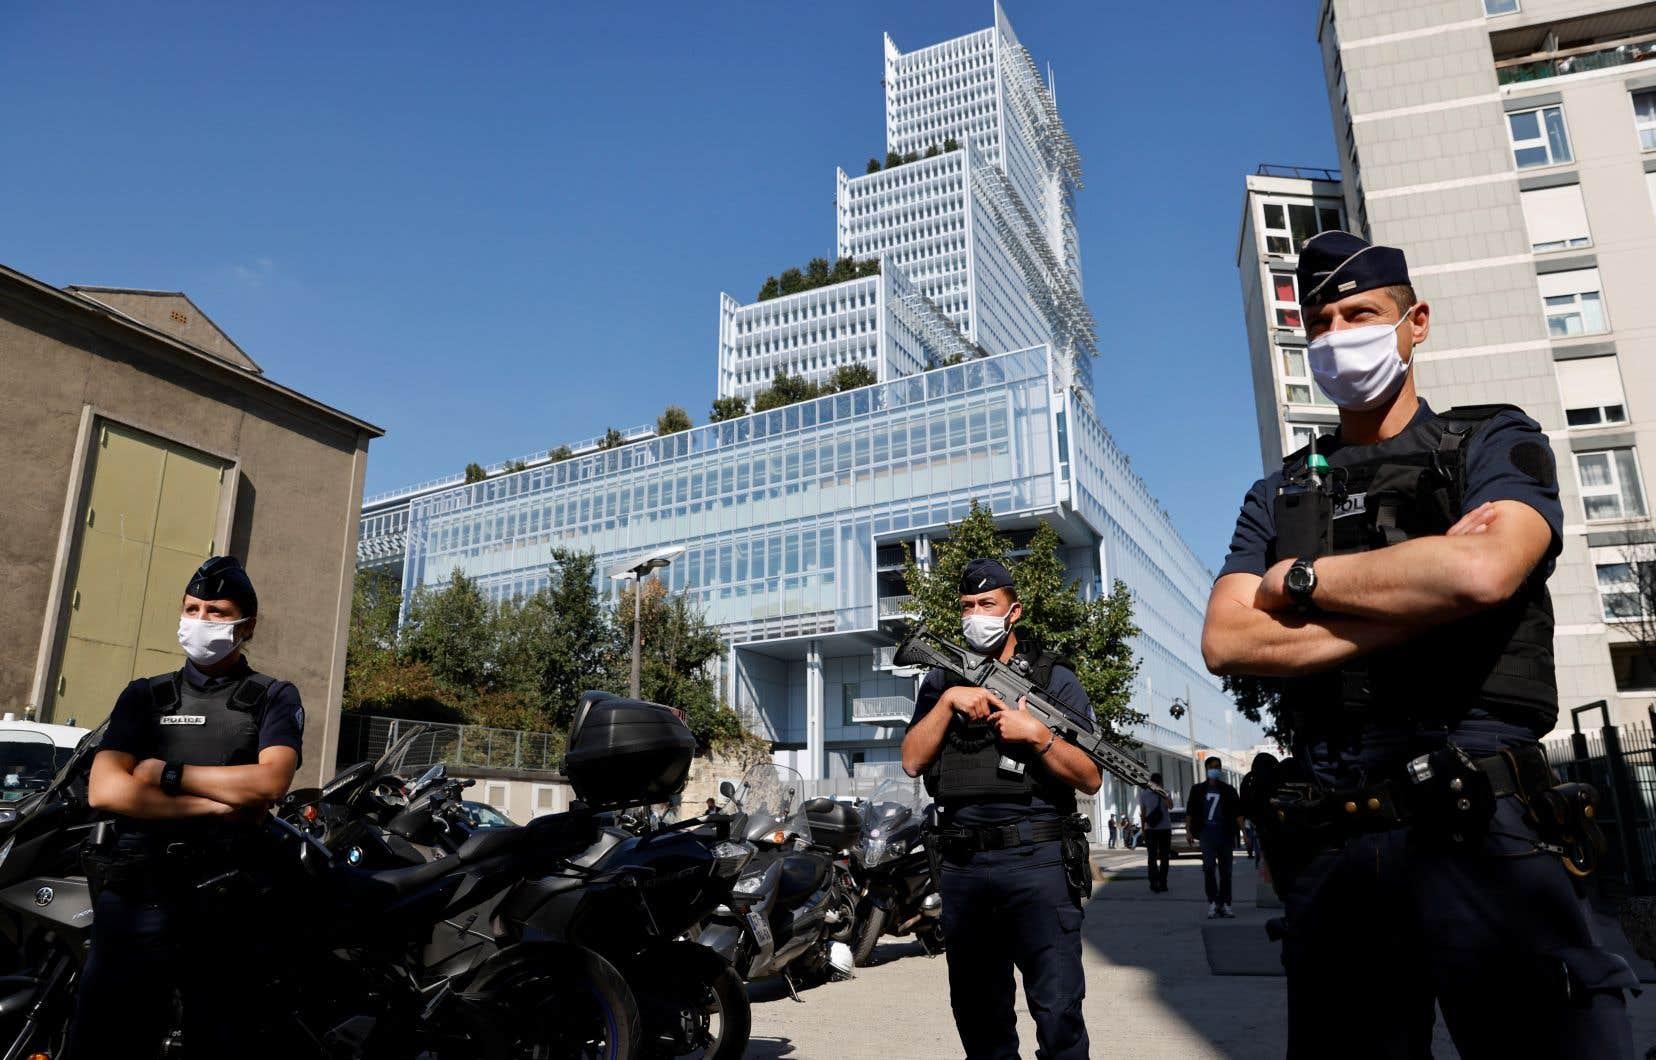 Des centaines de policiers ont été déployés à l'extérieur et à l'intérieur du tribunal où se déroule le procès.